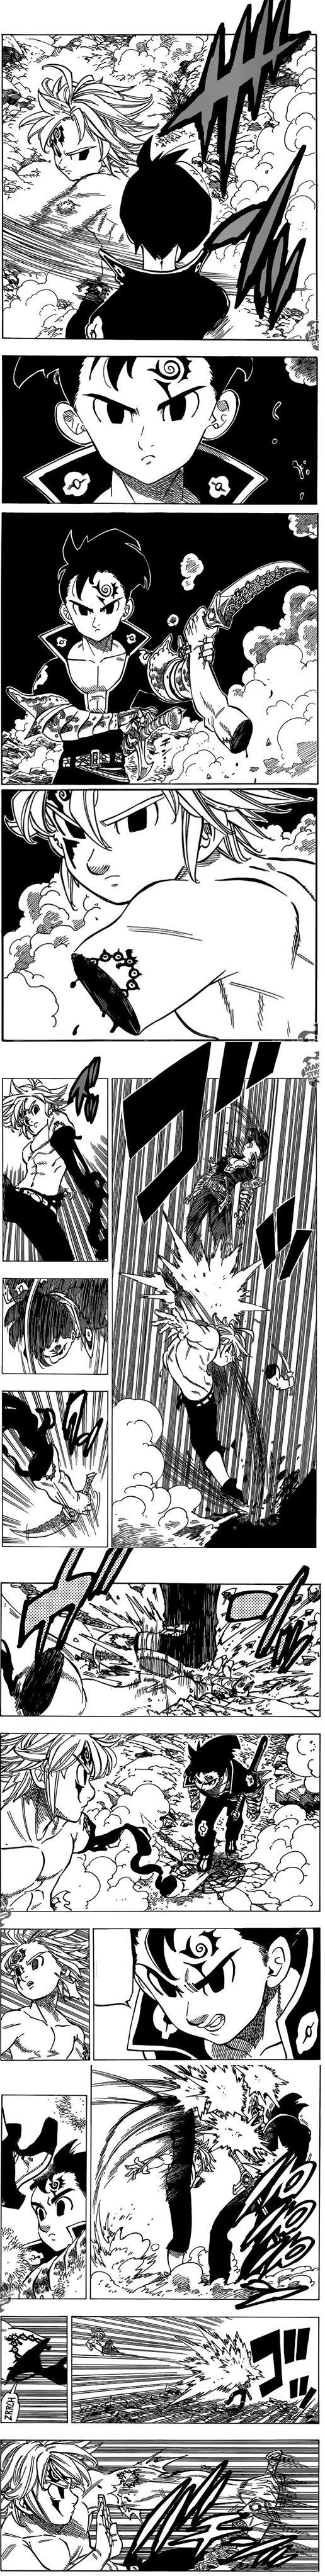 Nanatsu no Taizai manga 174 | Meliodas VS Zeldris (Zeldoris).